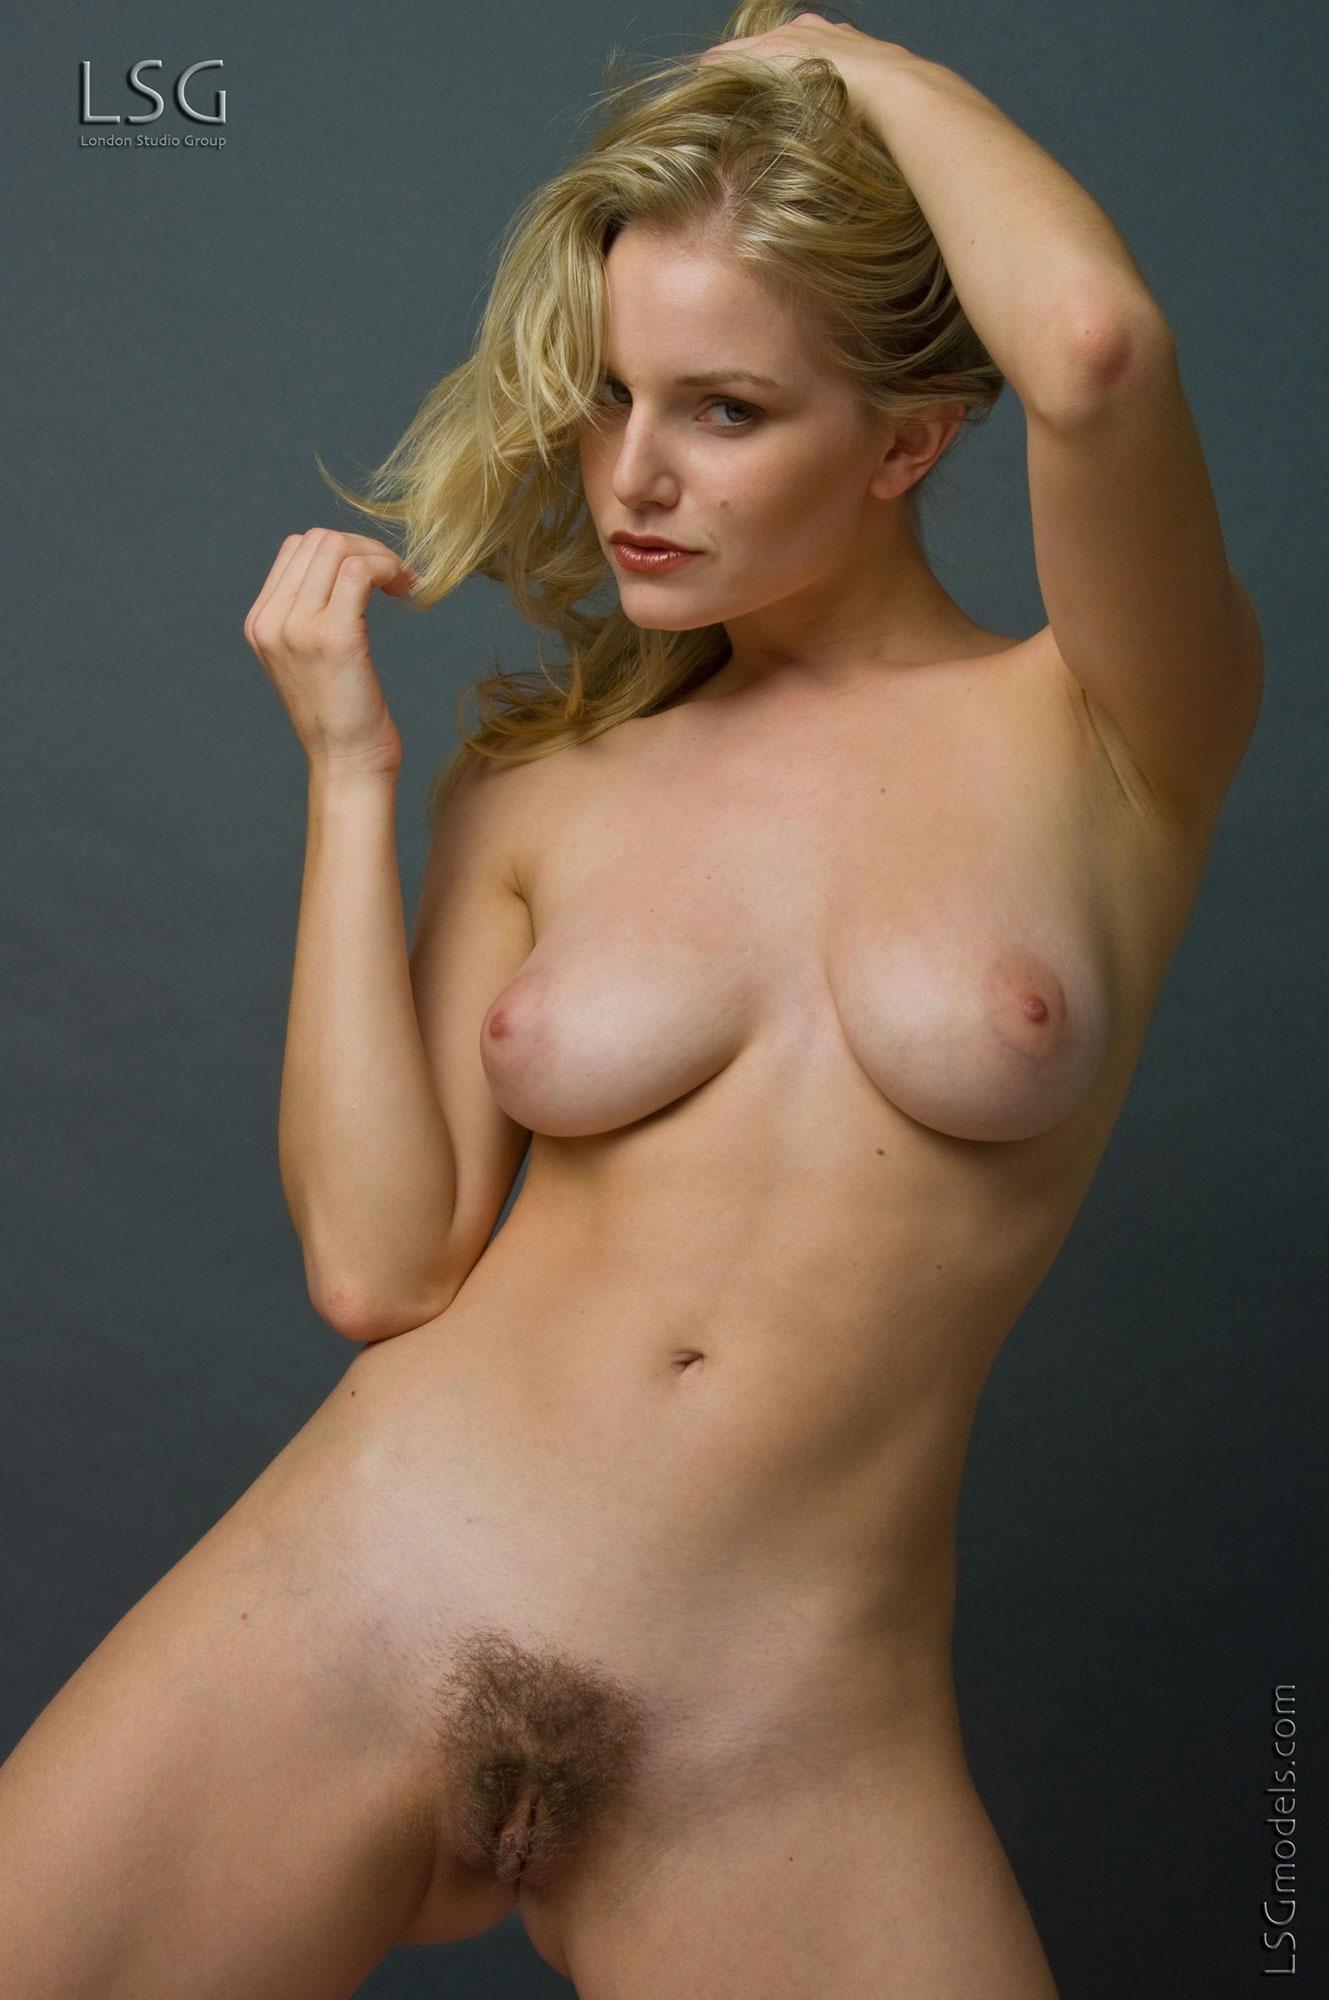 Lisa gleaves naked